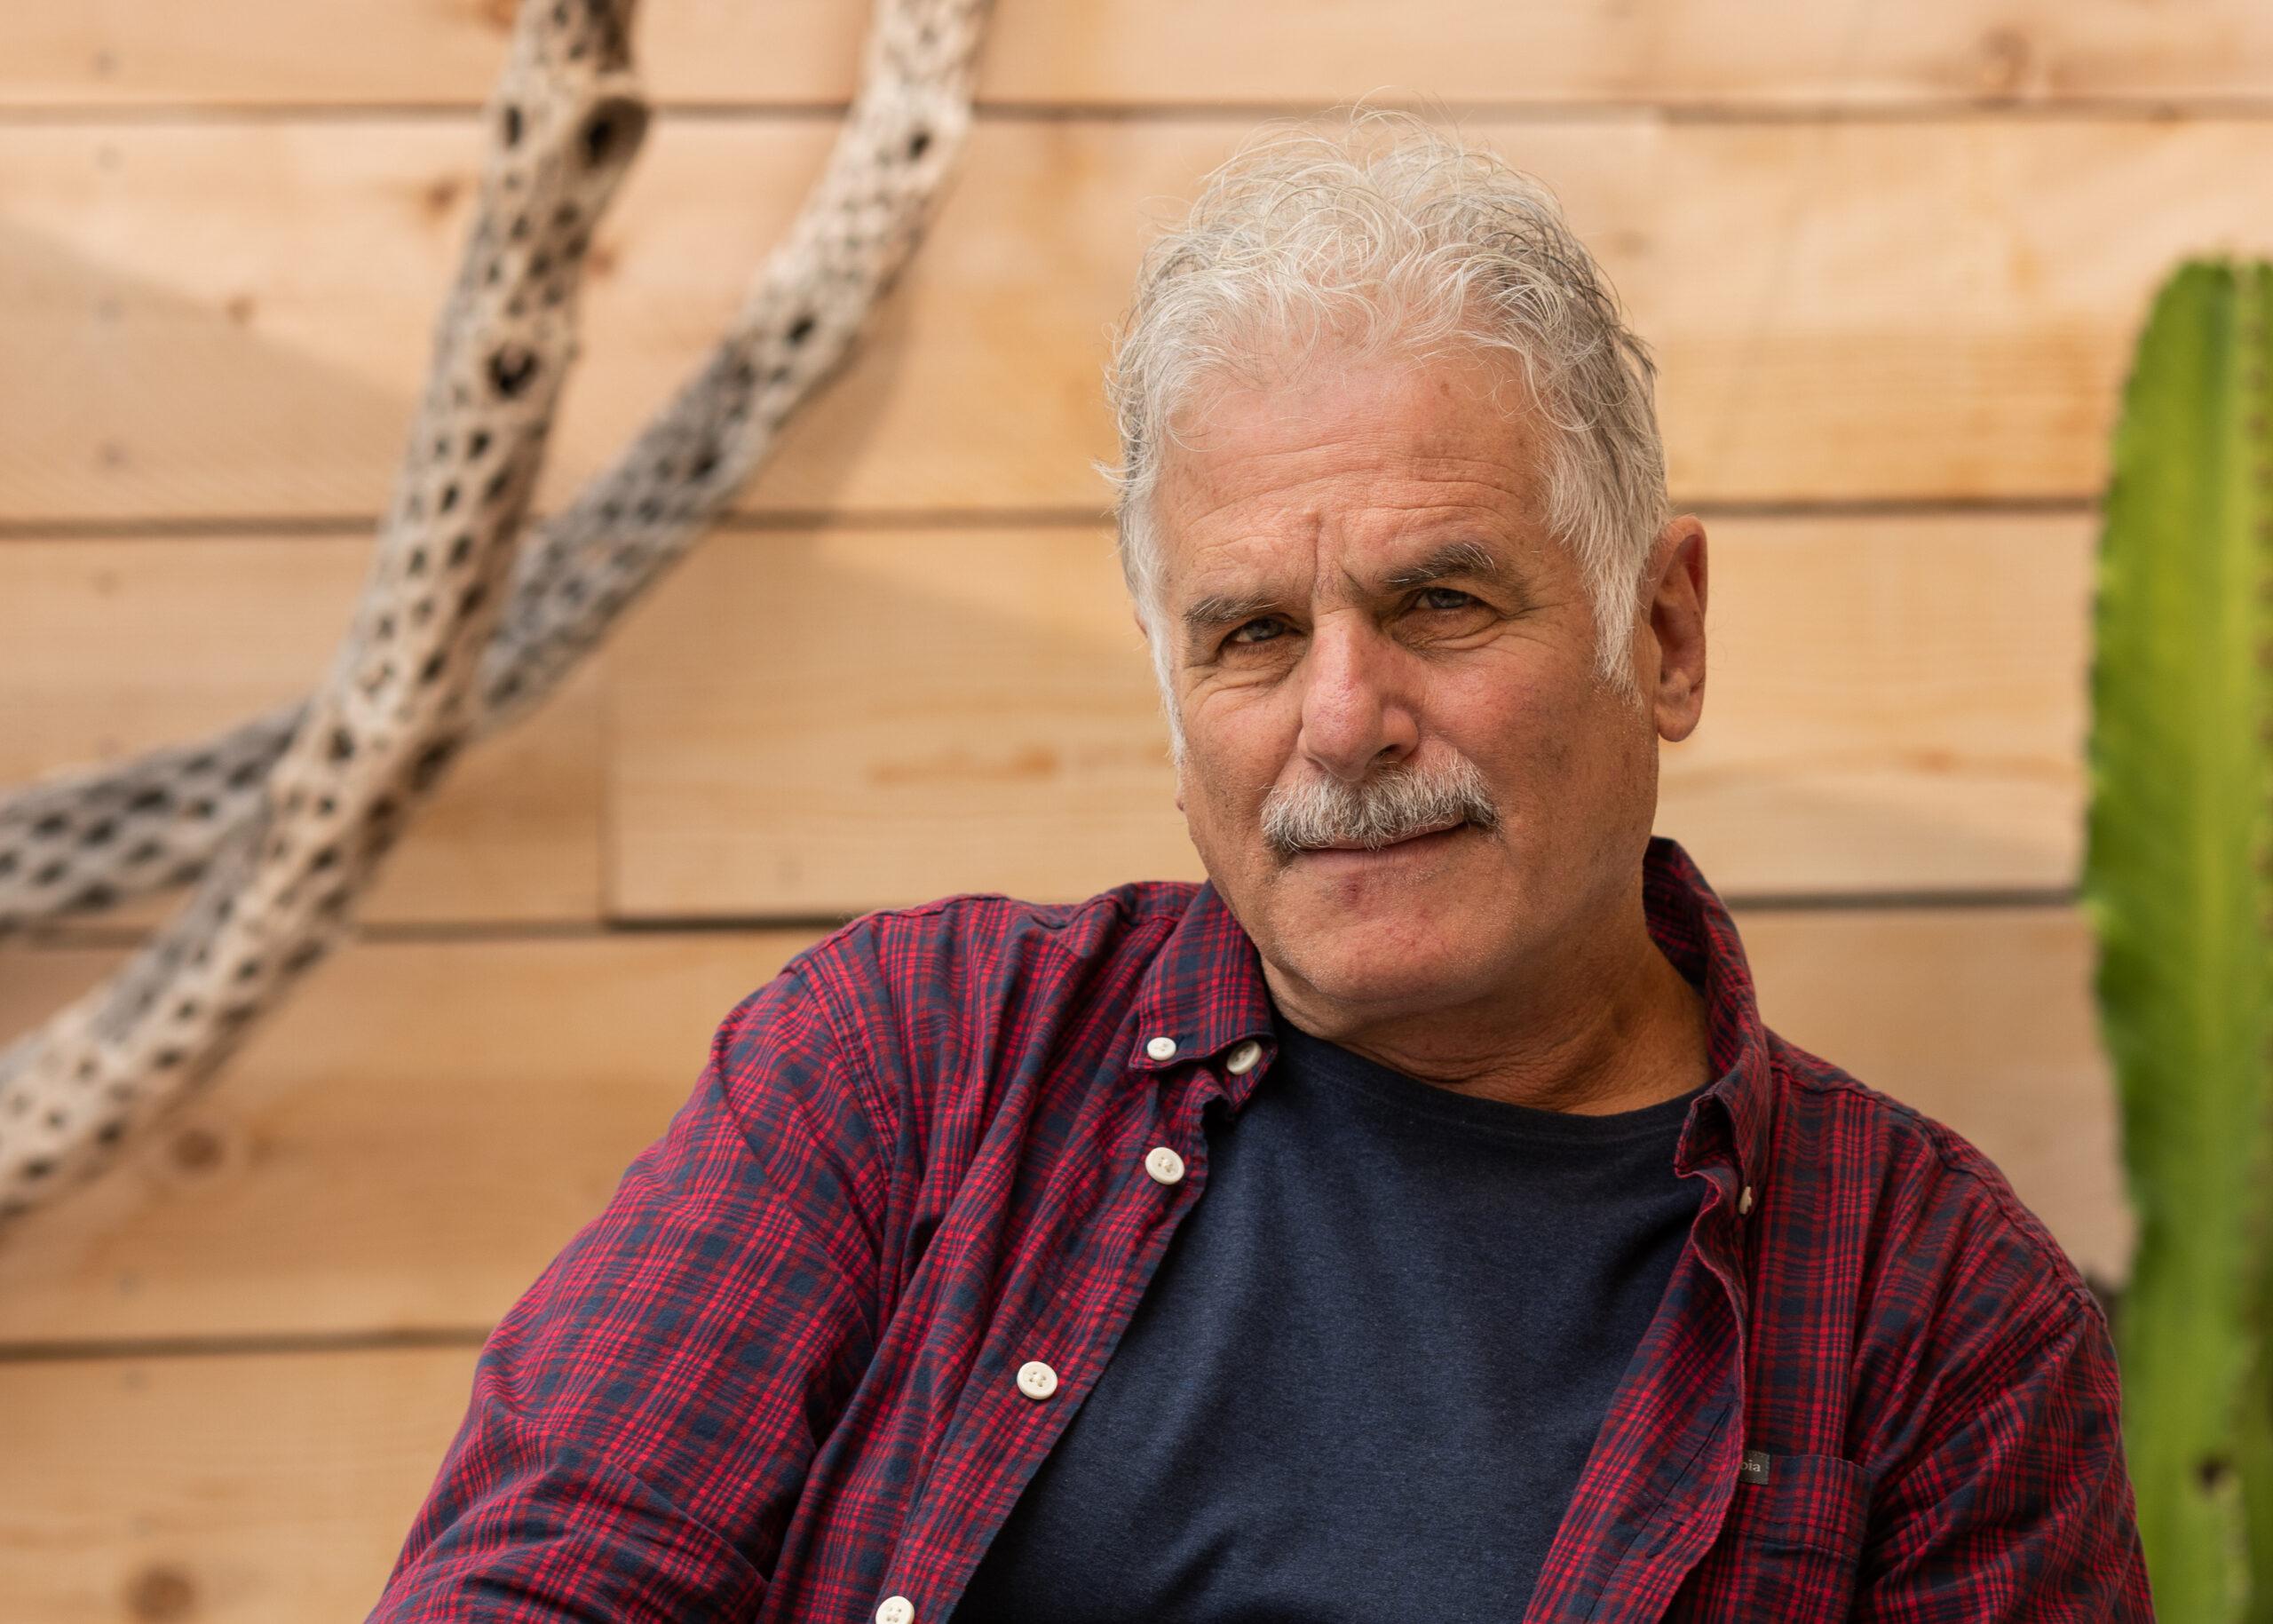 ALJ Isaac-Artenstein-DIRECTOR